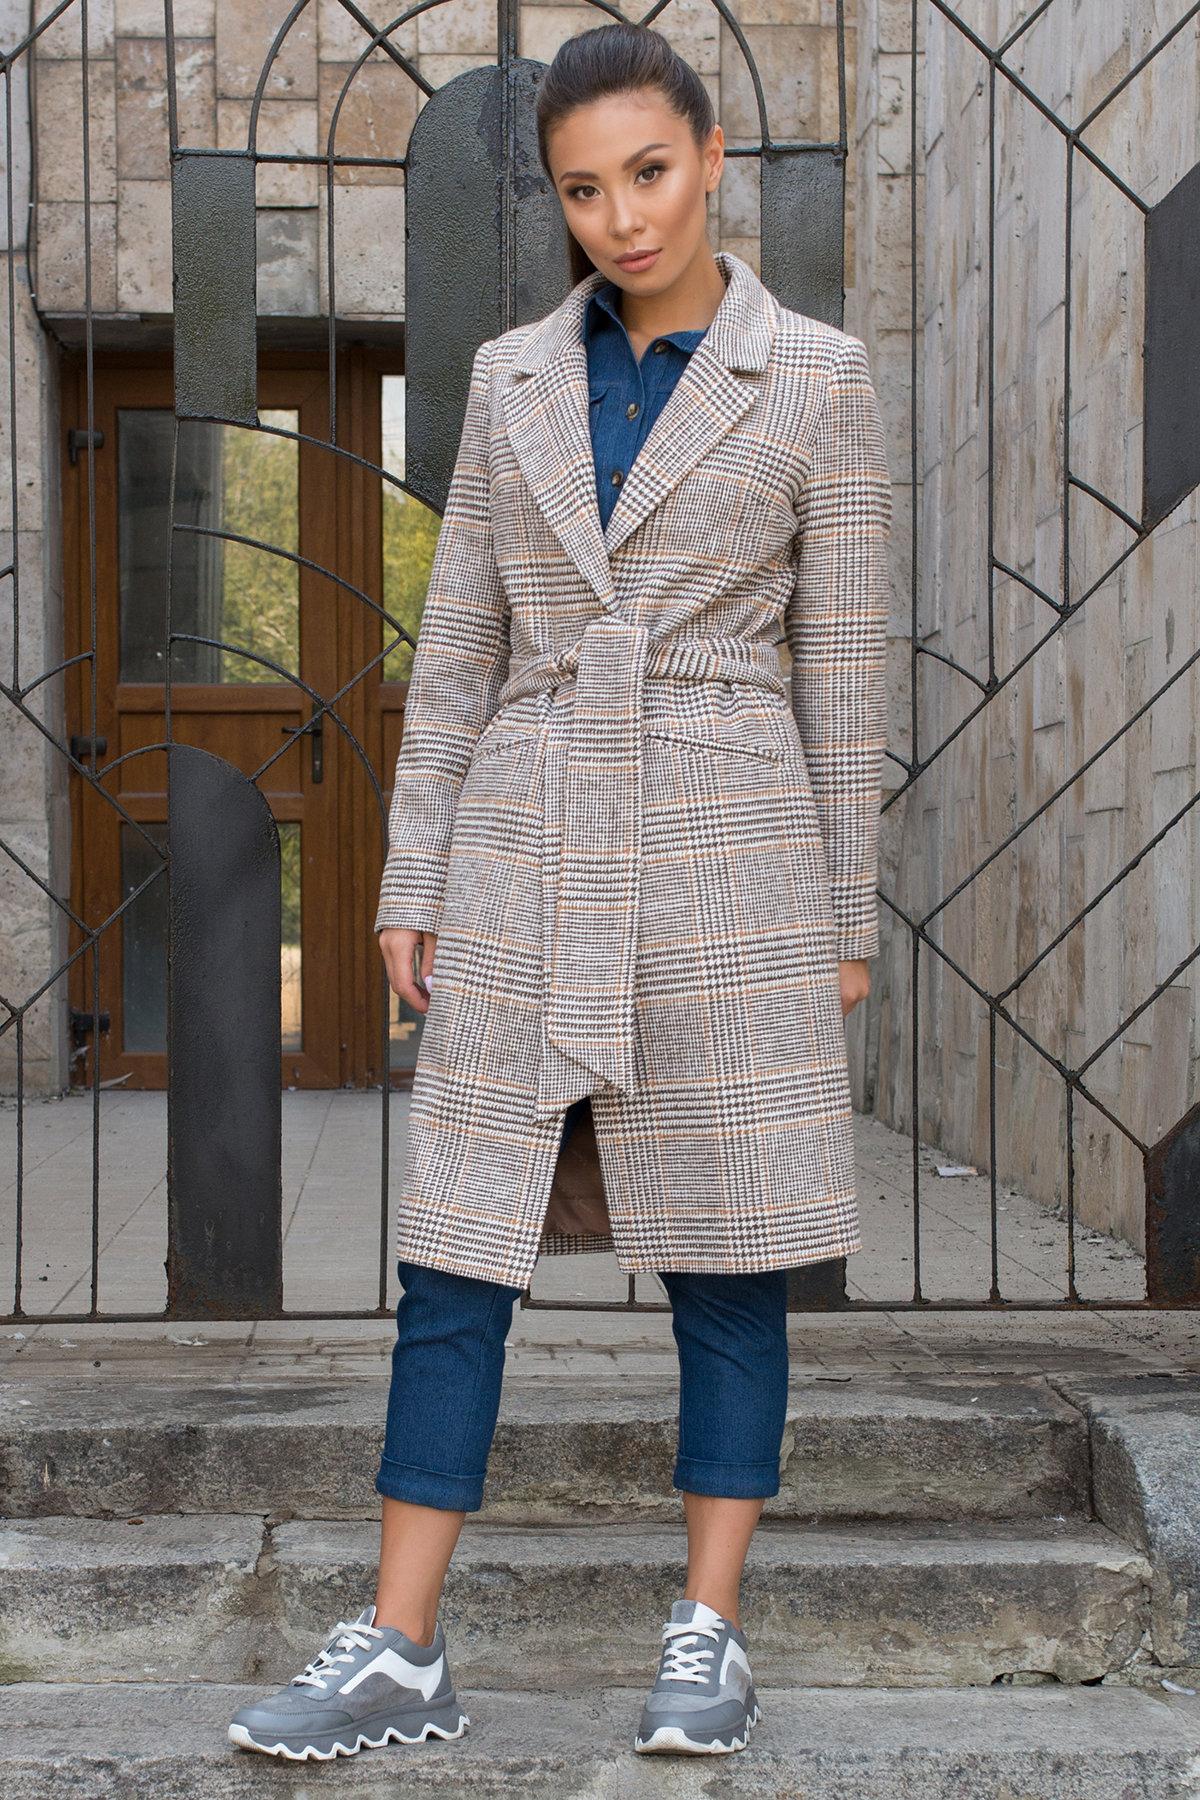 Демисезонное пальто от производителя Modus Пальто с принтом клетка Эрли 8103